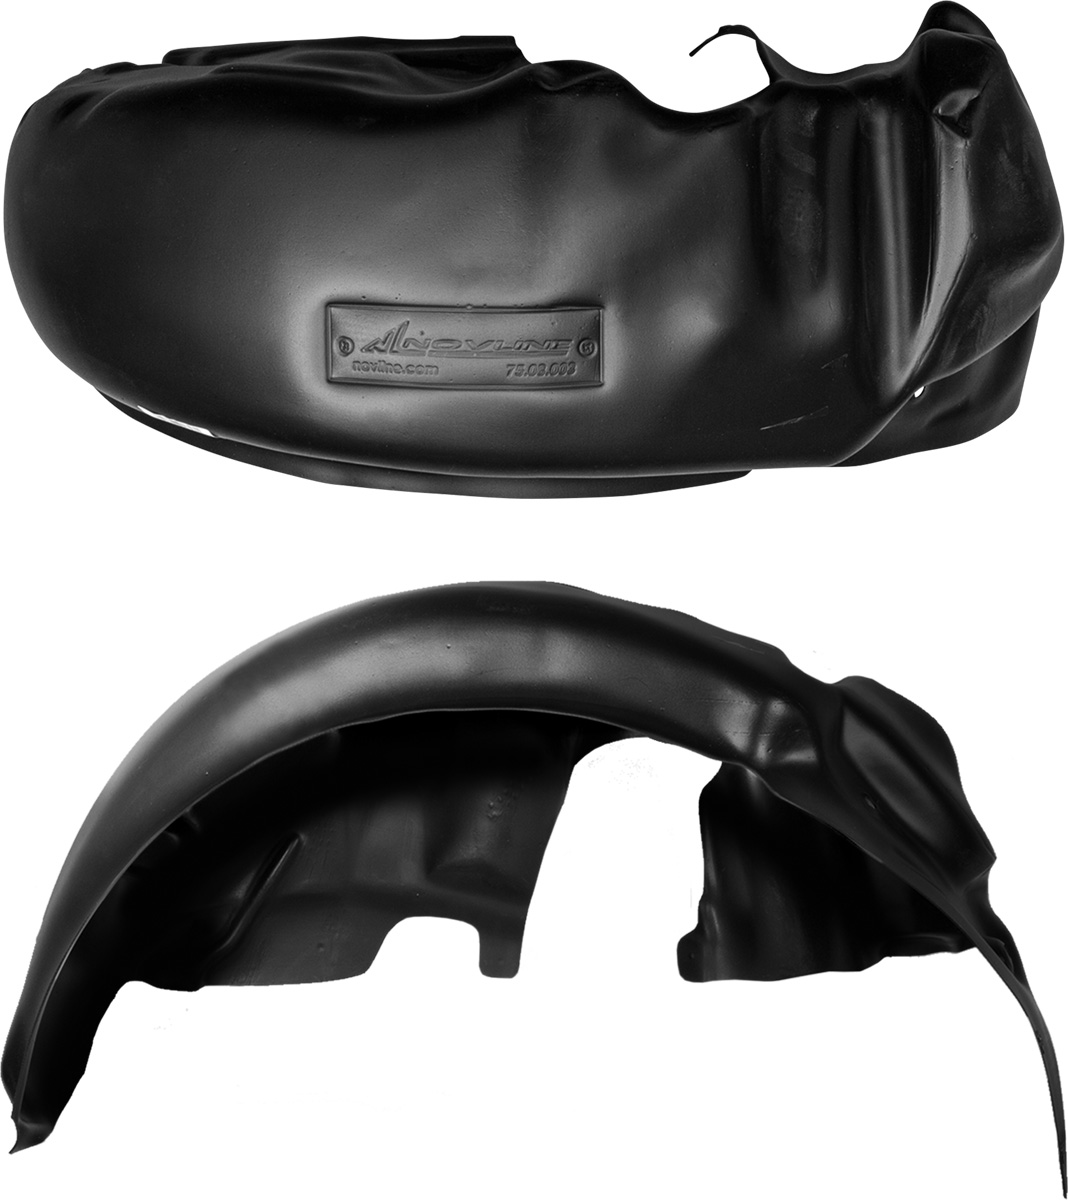 Подкрылок Novline-Autofamily, для Lada Vesta, 2015->, седан (передний правый)1004900000360Подкрылок выполнен из высококачественного, экологически чистого пластика. Обеспечивает надежную защиту кузова автомобиля от пескоструйного эффекта и негативного влияния, агрессивных антигололедных реагентов. Пластик обладает более низкой теплопроводностью, чем металл, поэтому в зимний период эксплуатации использование пластиковых подкрылков позволяет лучше защитить колесные ниши от налипания снега и образования наледи. Оригинальность конструкции подчеркивает элегантность автомобиля, бережно защищает нанесенное на днище кузова антикоррозийное покрытие и позволяет осуществить крепление подкрылка внутри колесной арки практически без дополнительного крепежа и сверления, не нарушая при этом лакокрасочного покрытия, что предотвращает возникновение новых очагов коррозии. Технология крепления подкрылка на иномарки принципиально отличается от крепления на российские автомобили и разрабатывается индивидуально для каждой модели автомобиля. Подкрылок долговечен, обладает высокой прочностью и сохраняет заданную форму, а также все свои физико-механические характеристики в самых тяжелых климатических условиях ( от -50° С до + 50° С).